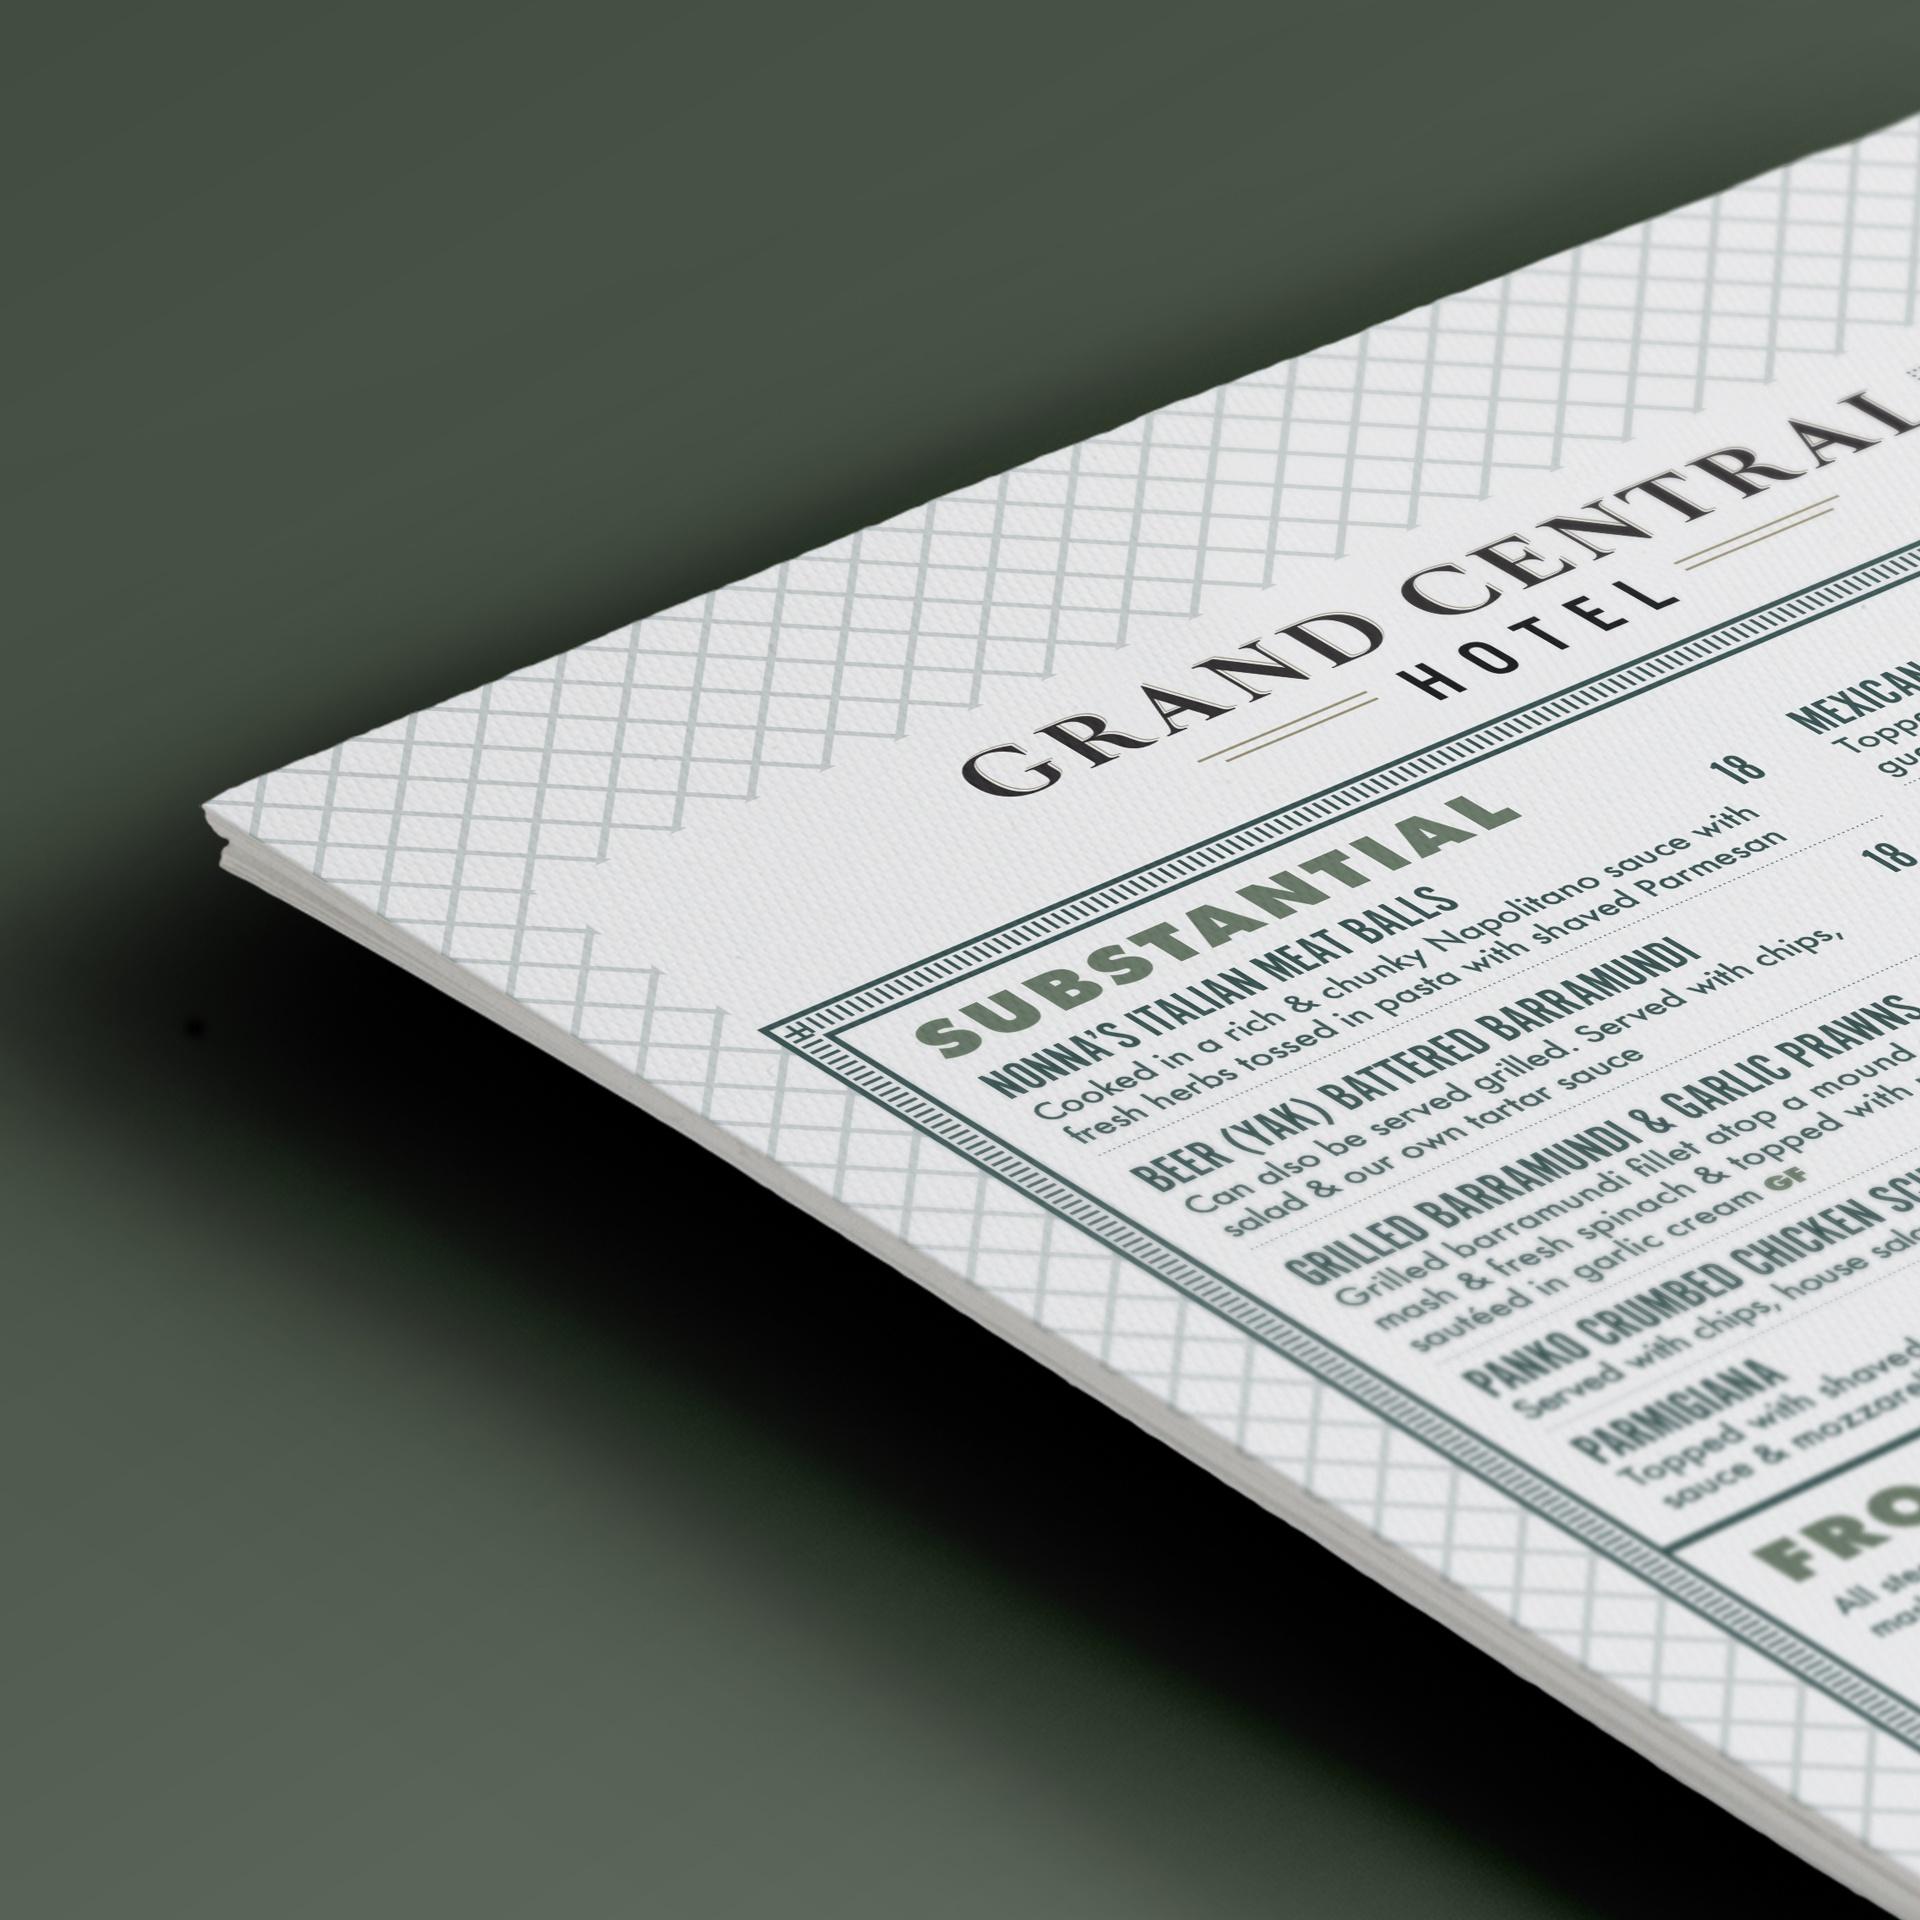 sydney design social grand central hotel brisbane menu olive green wooden clipboard close up